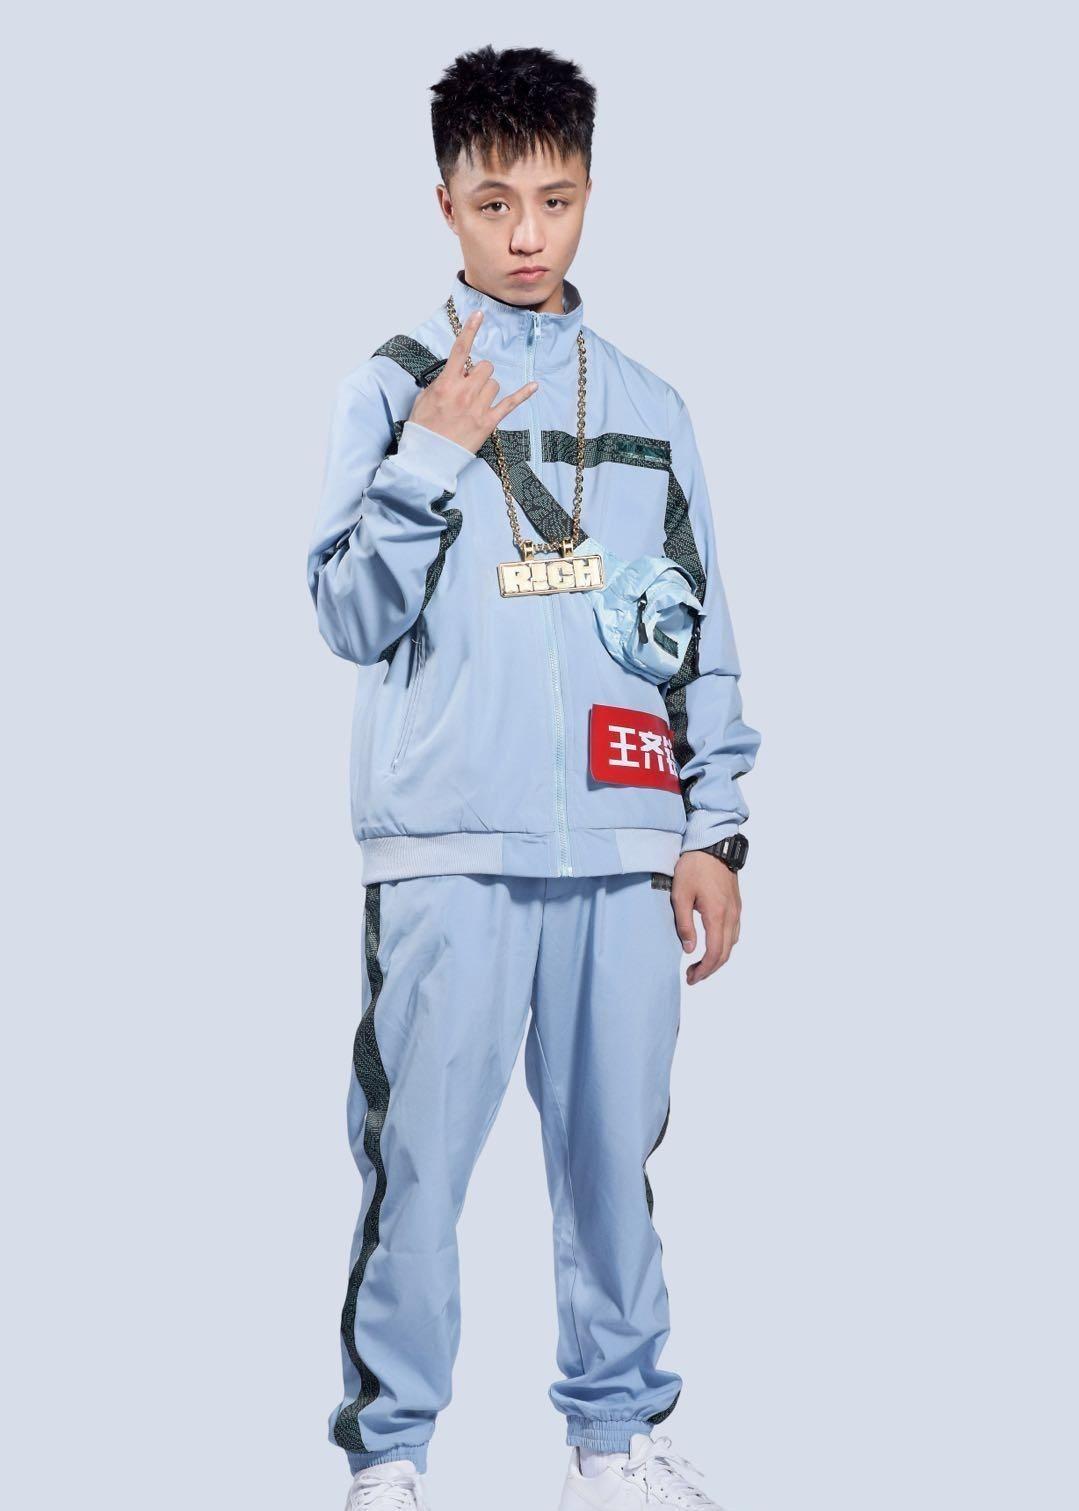 每日明星推荐——王齐铭又去参加新说唱了,他真的很喜欢蓝色呢